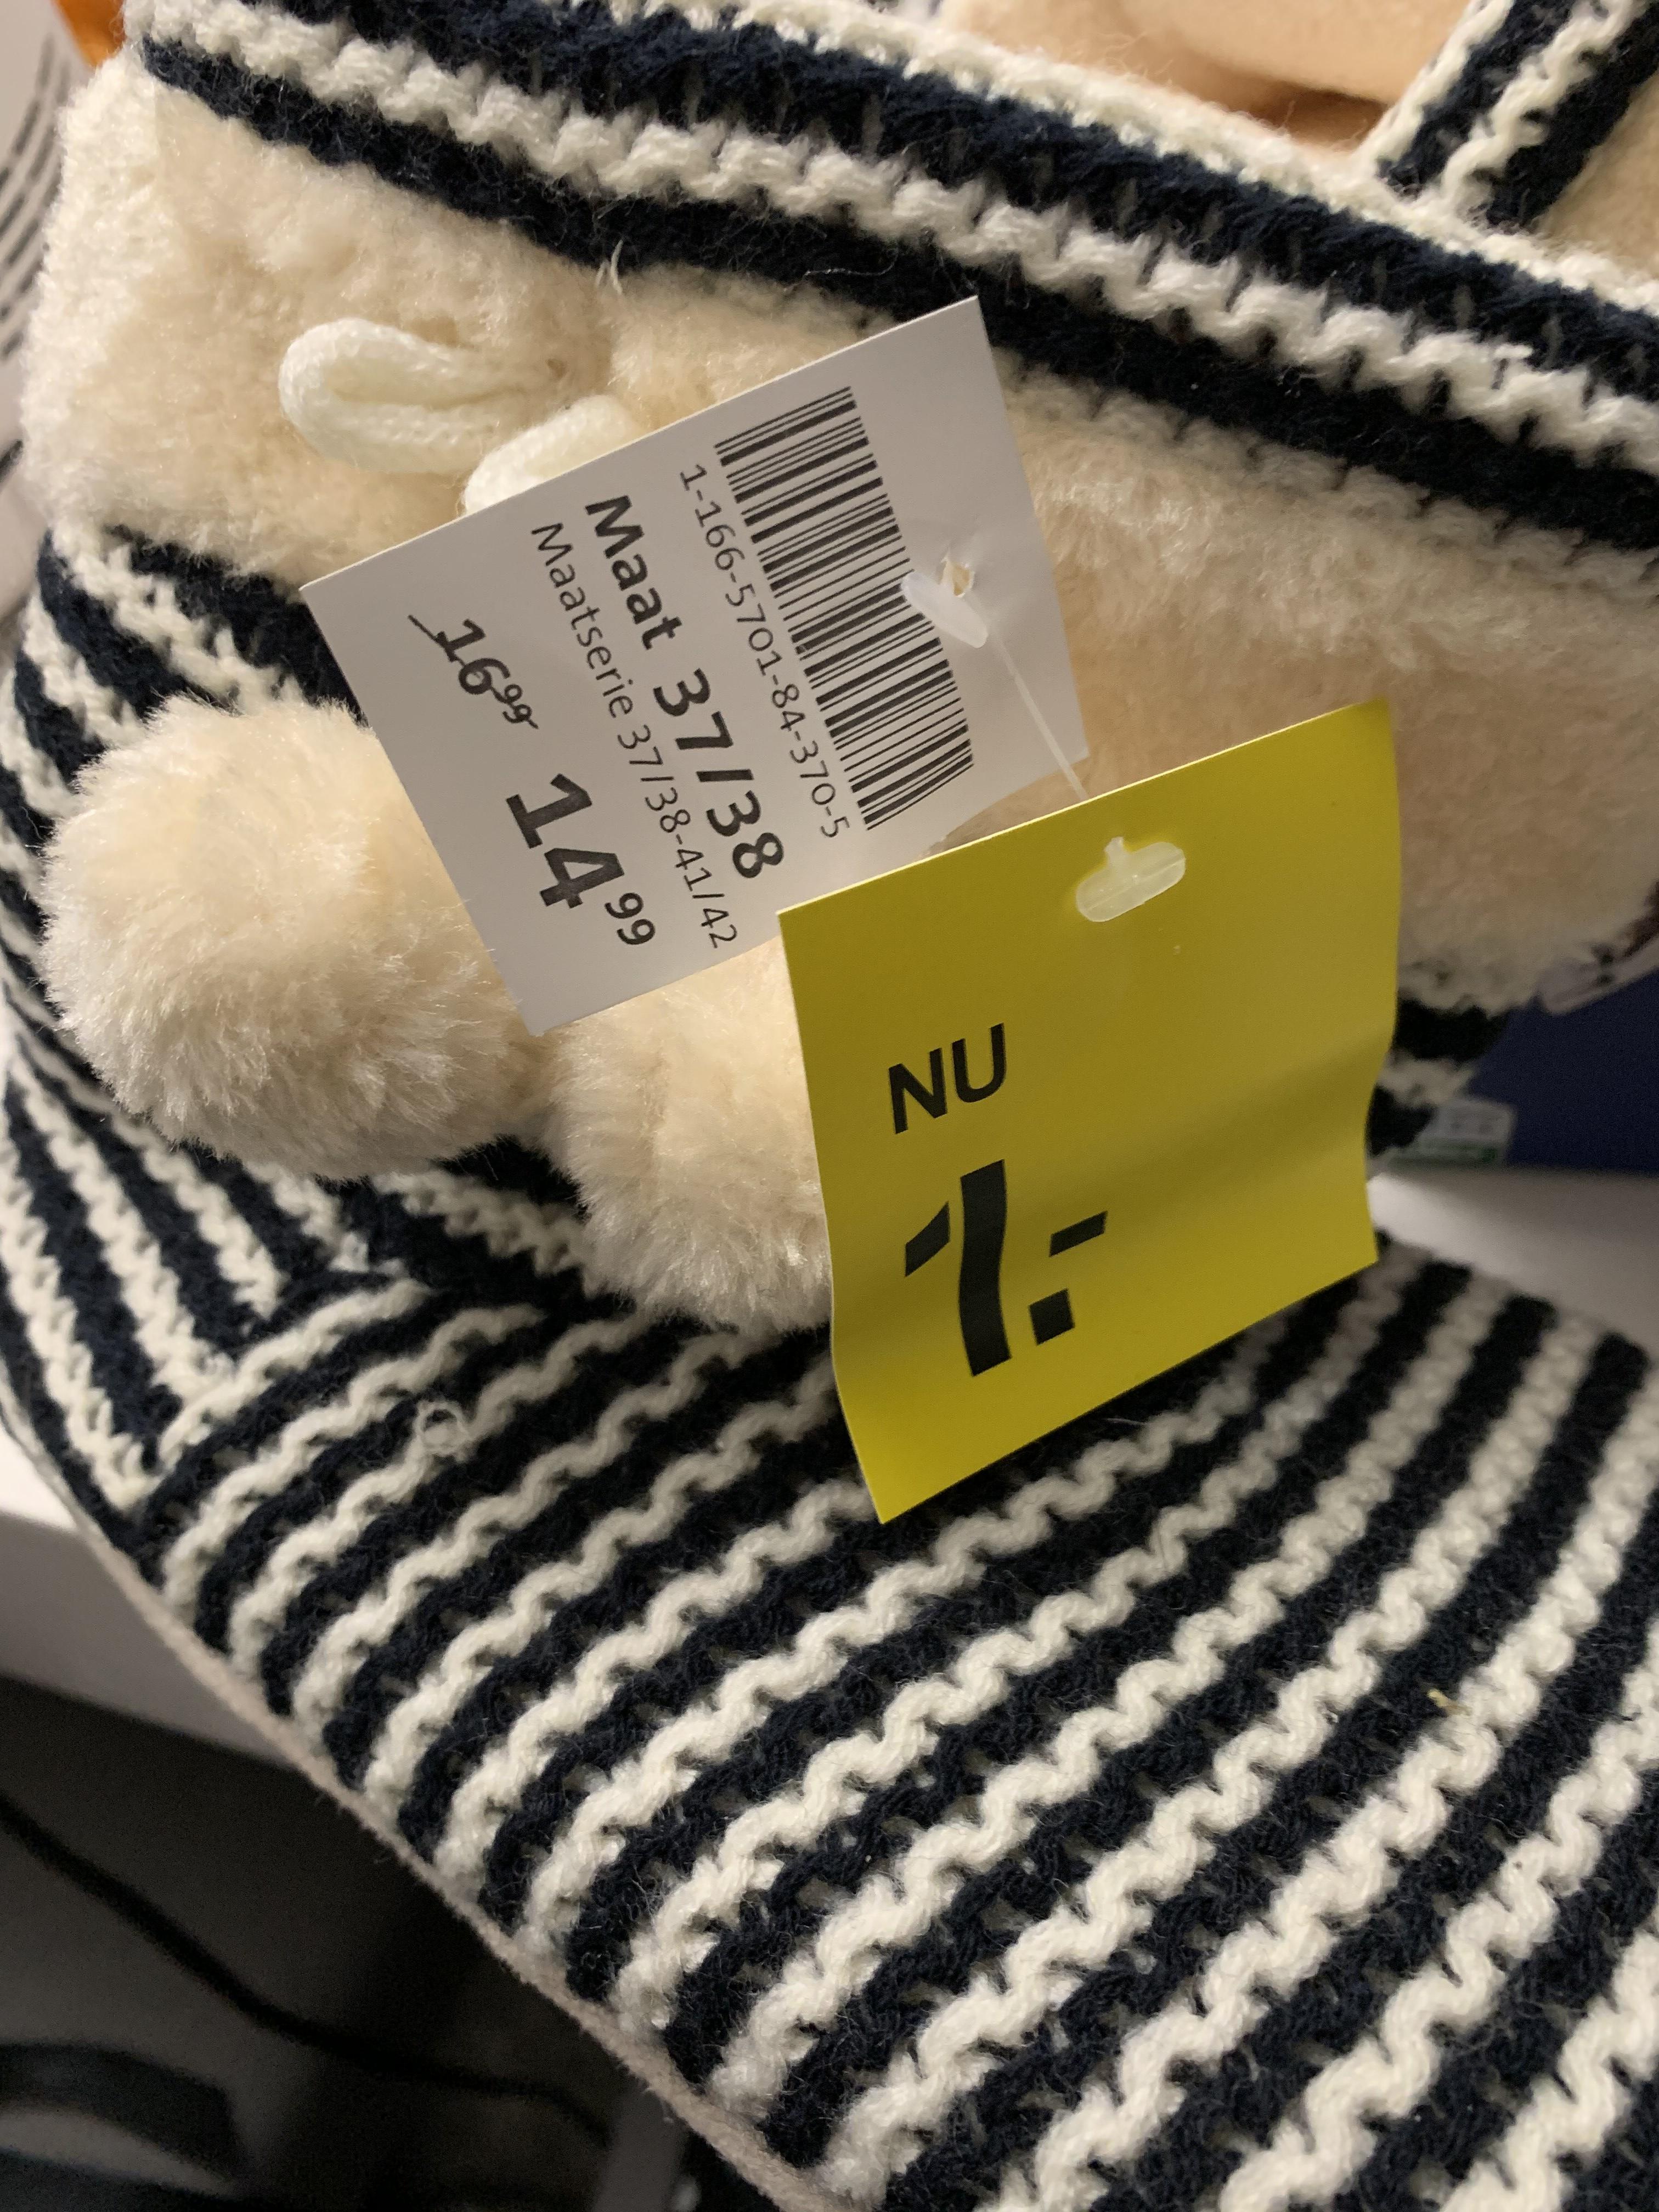 Pantoffels voor €1 bij Scapino Vlijmen